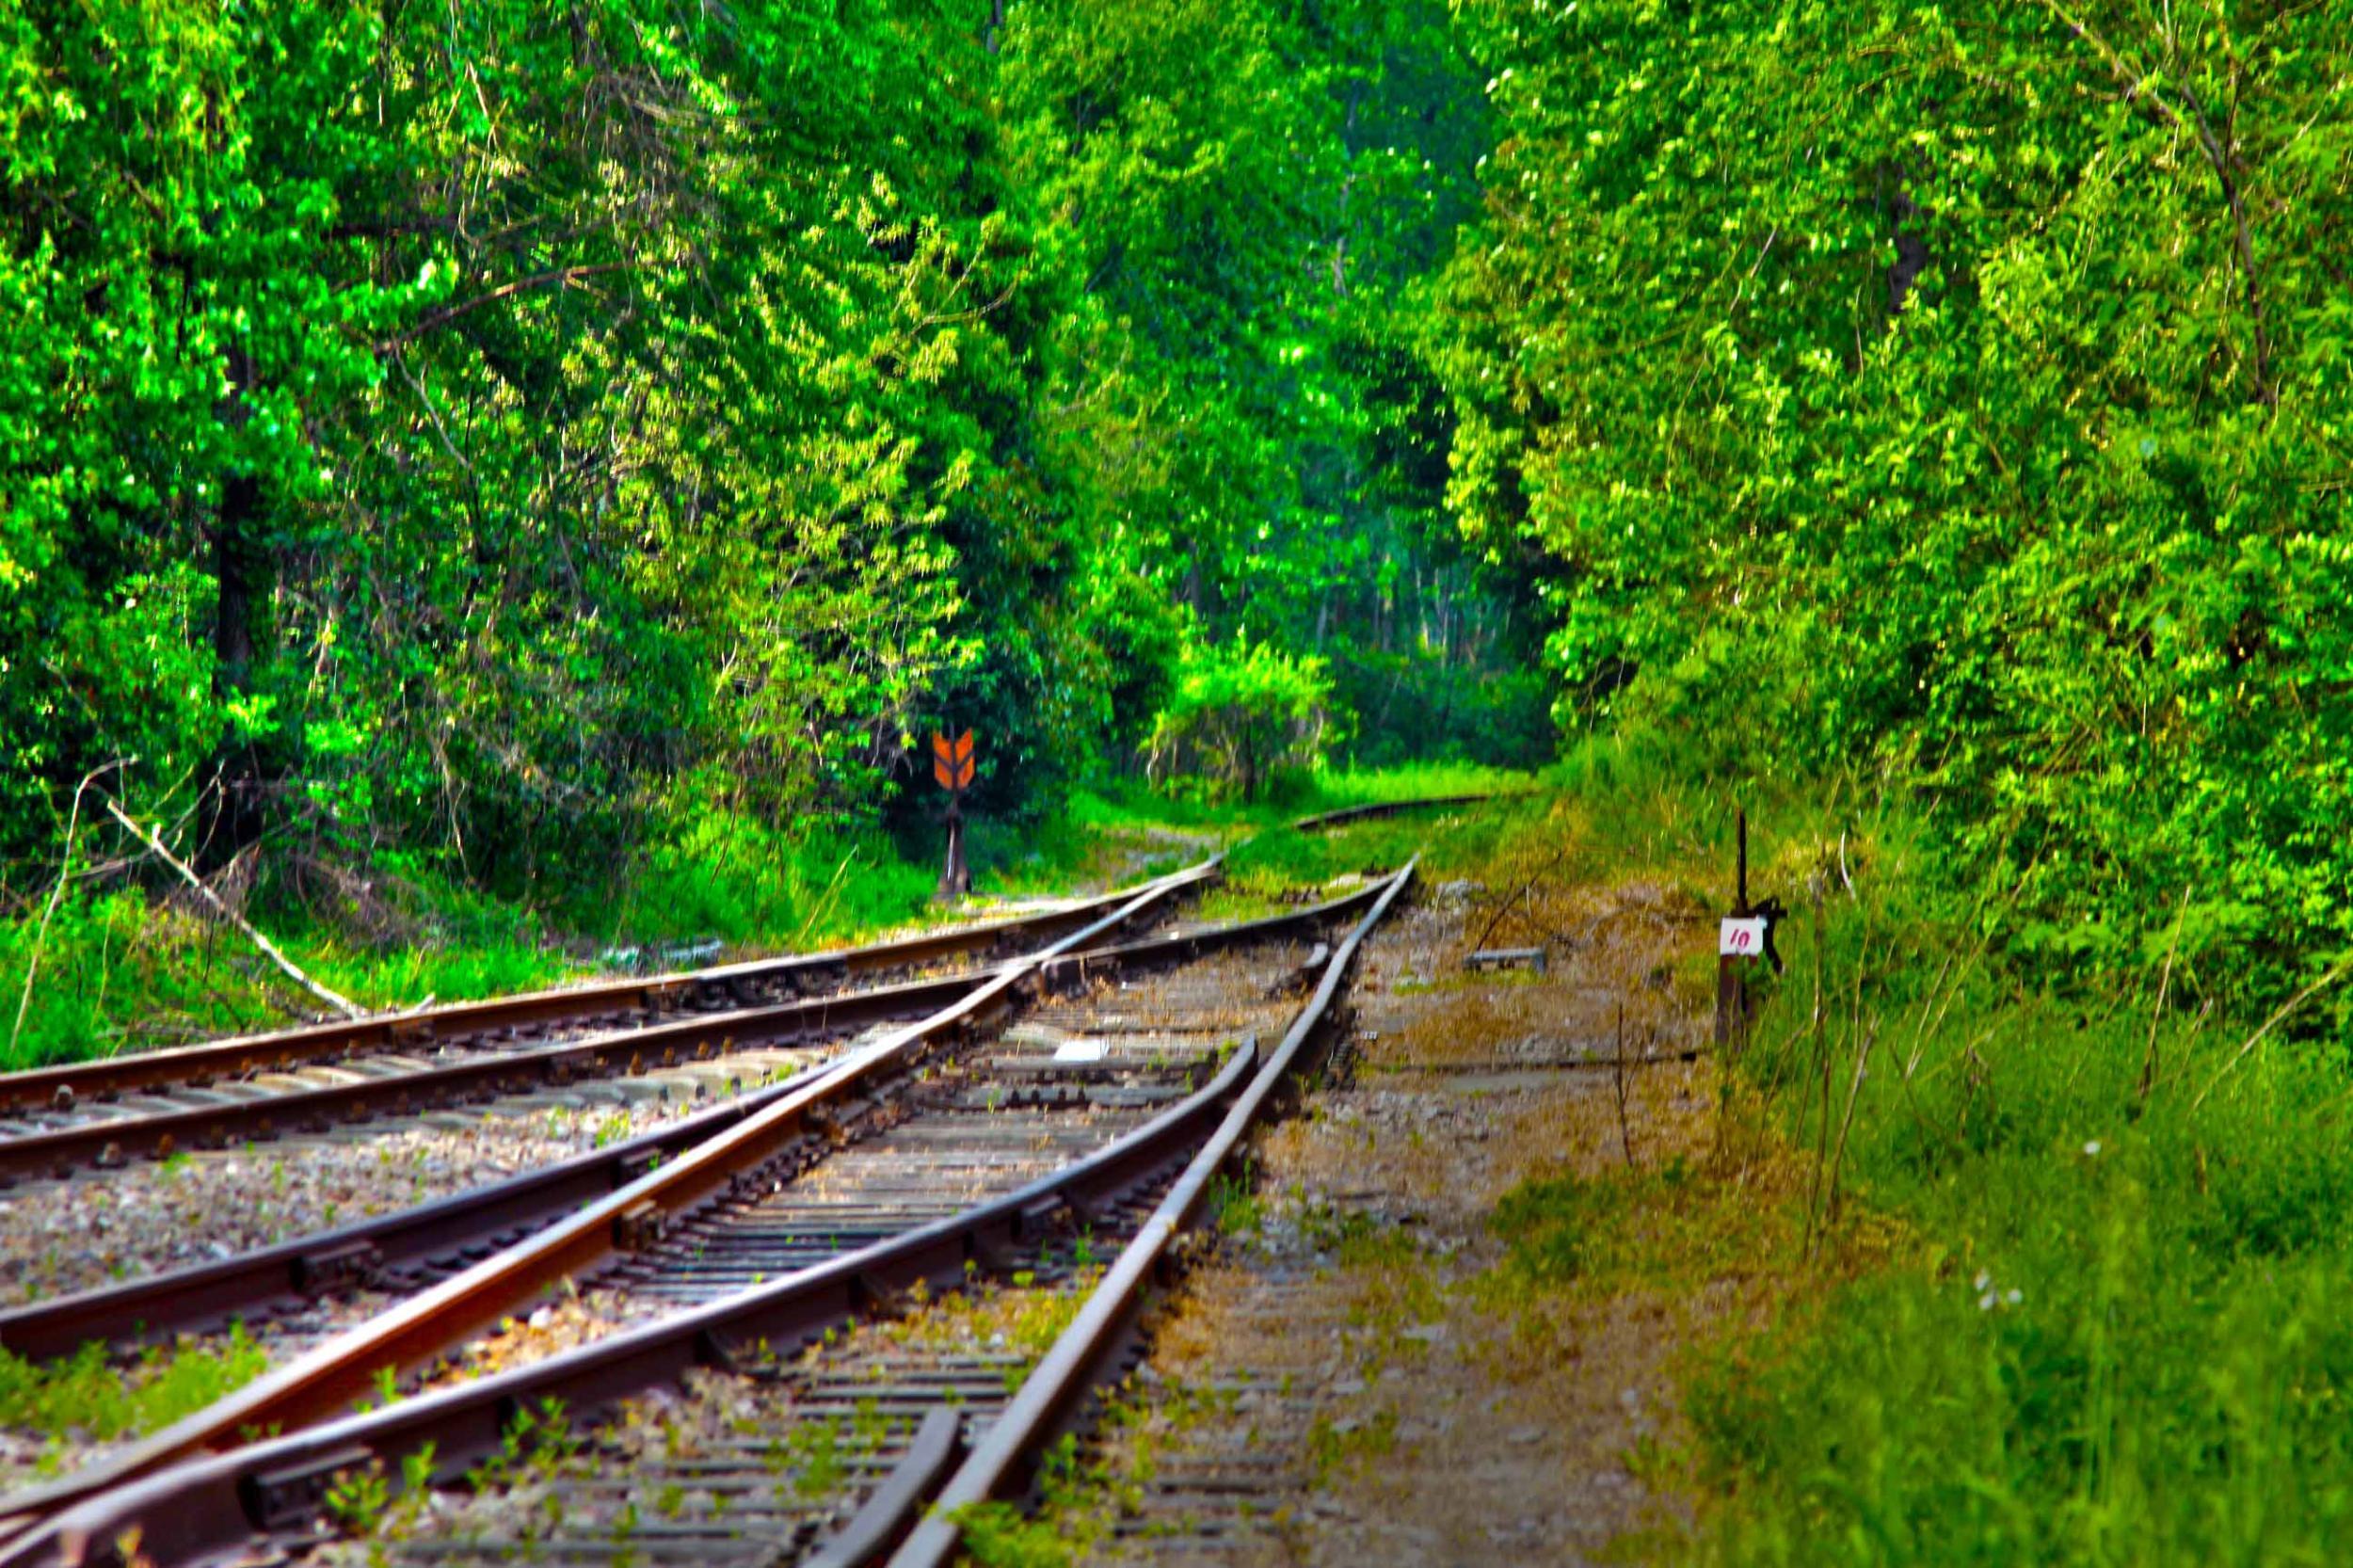 我省今年年内有4条铁路线投入运营更多出行选择!